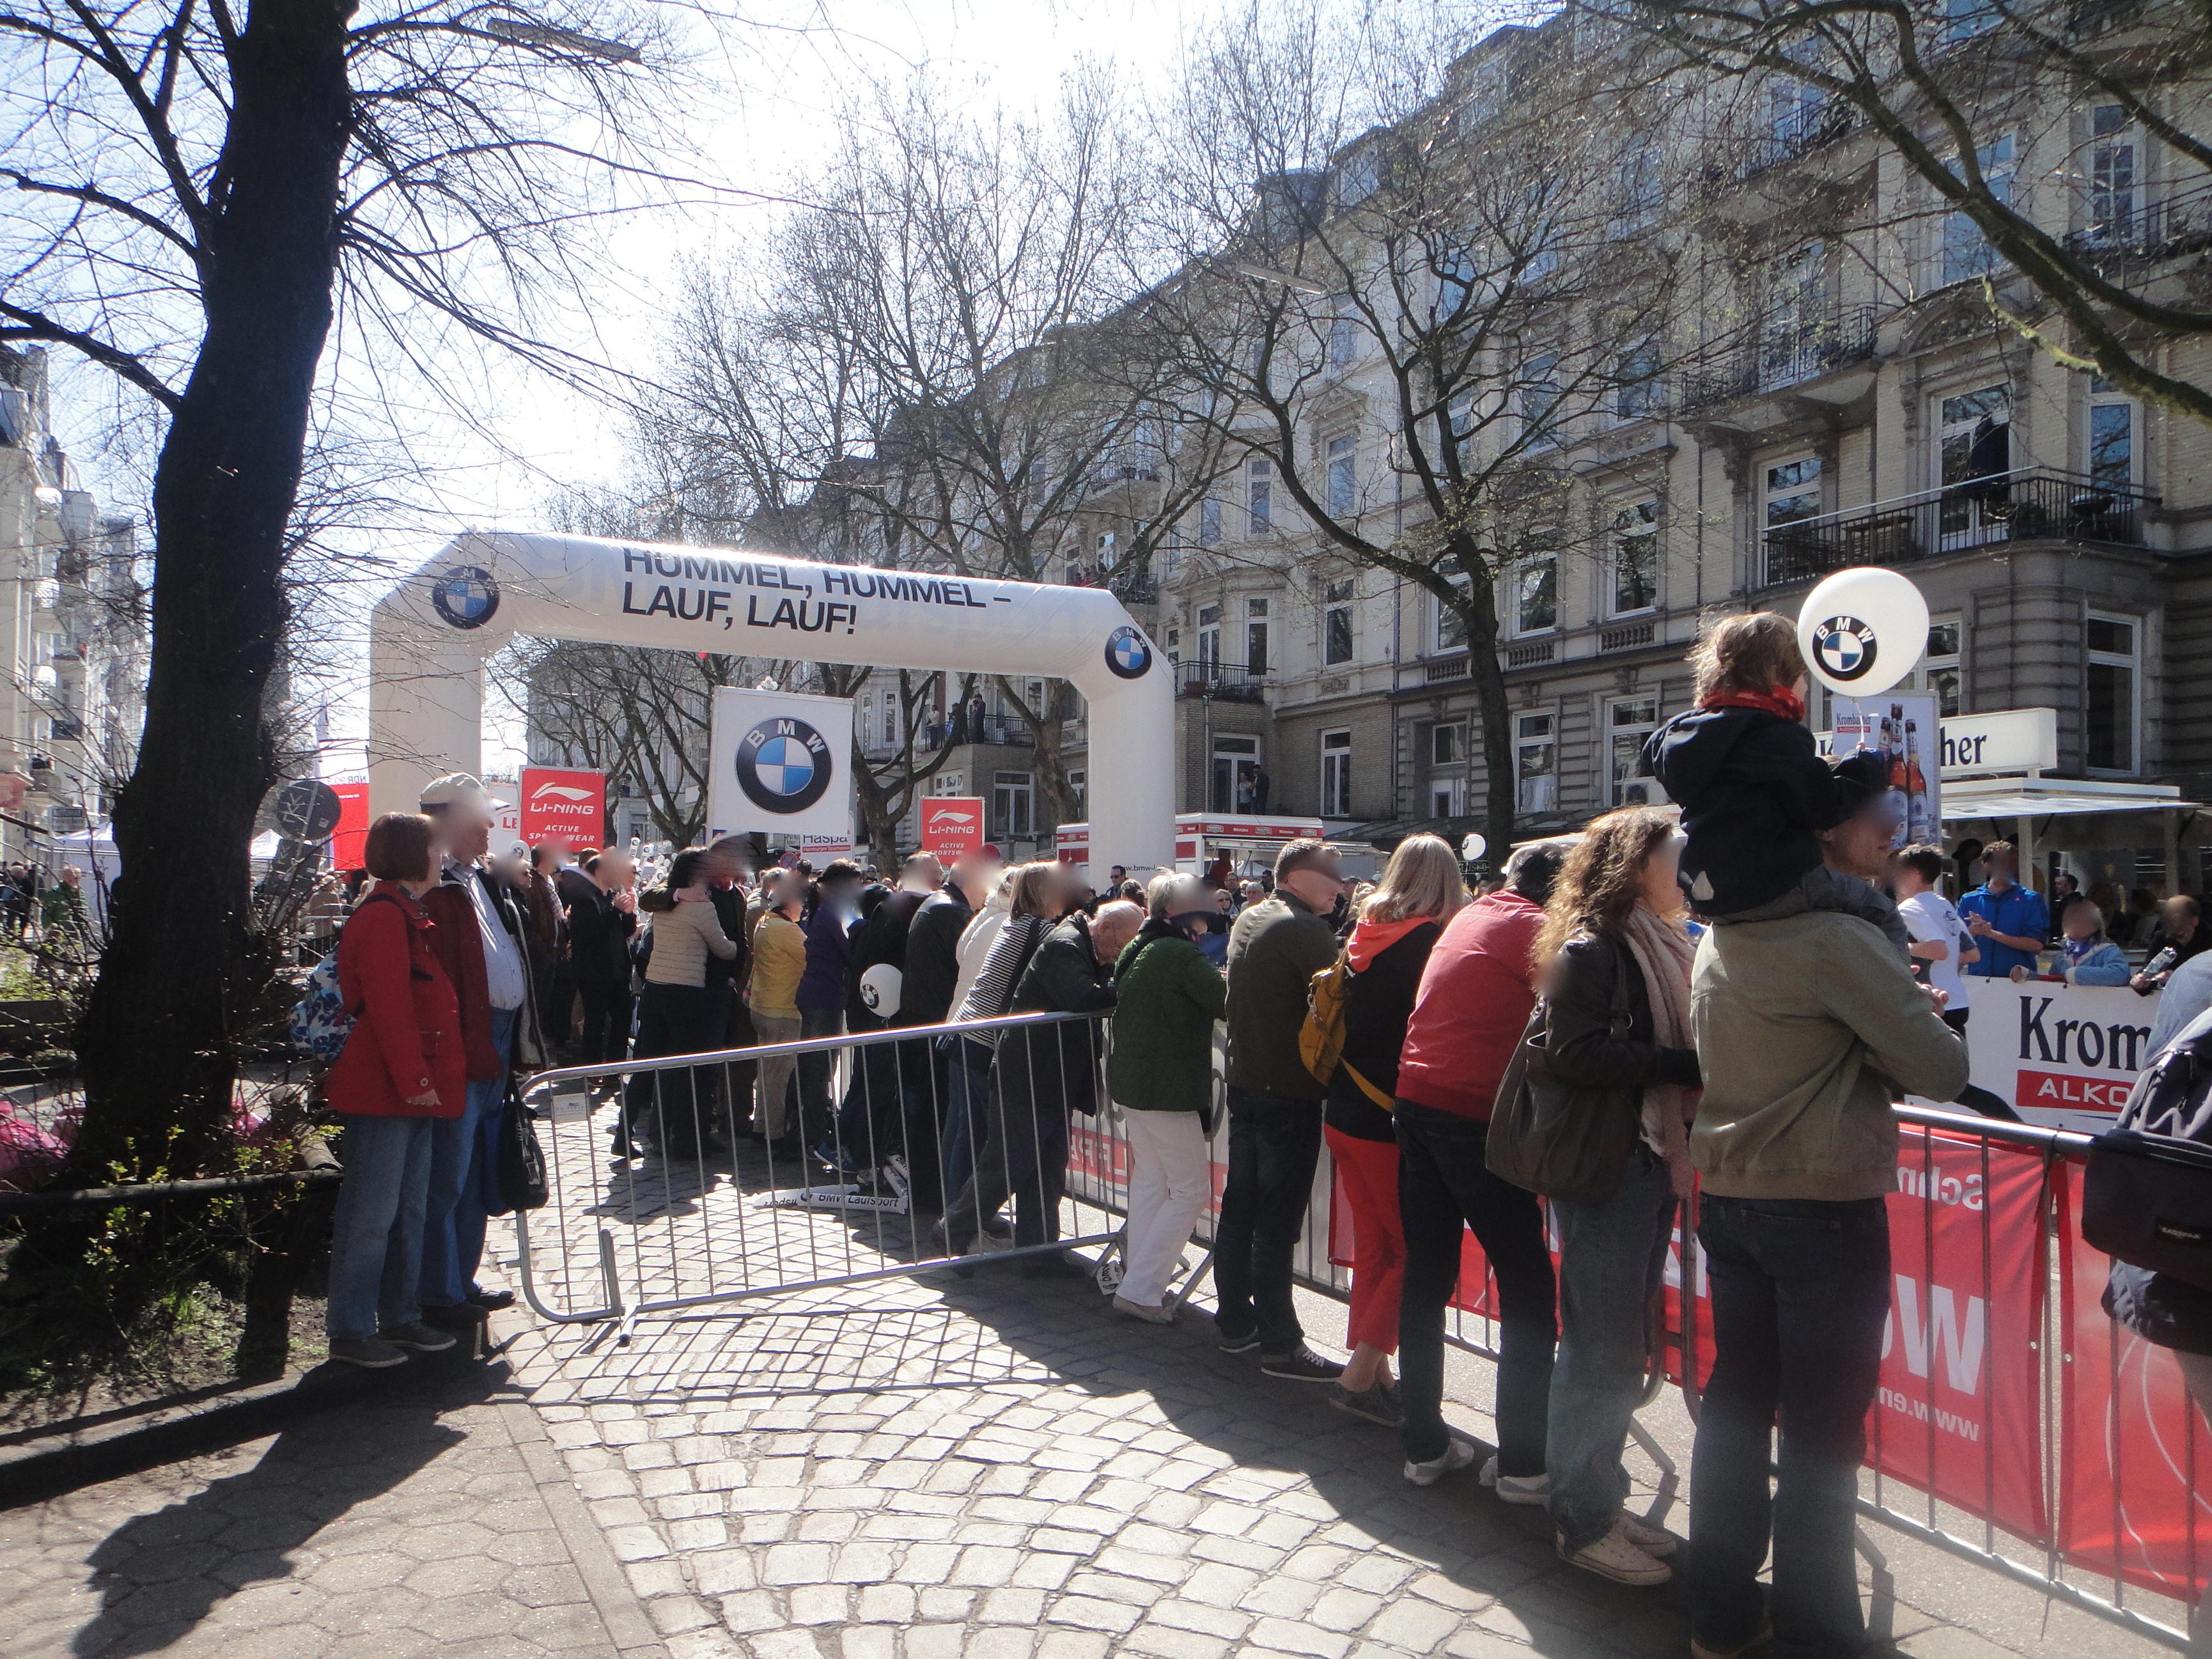 cheering the participants of the Hamburg Marathon! - Die Hamburg Marathon Läufer bejubeln!